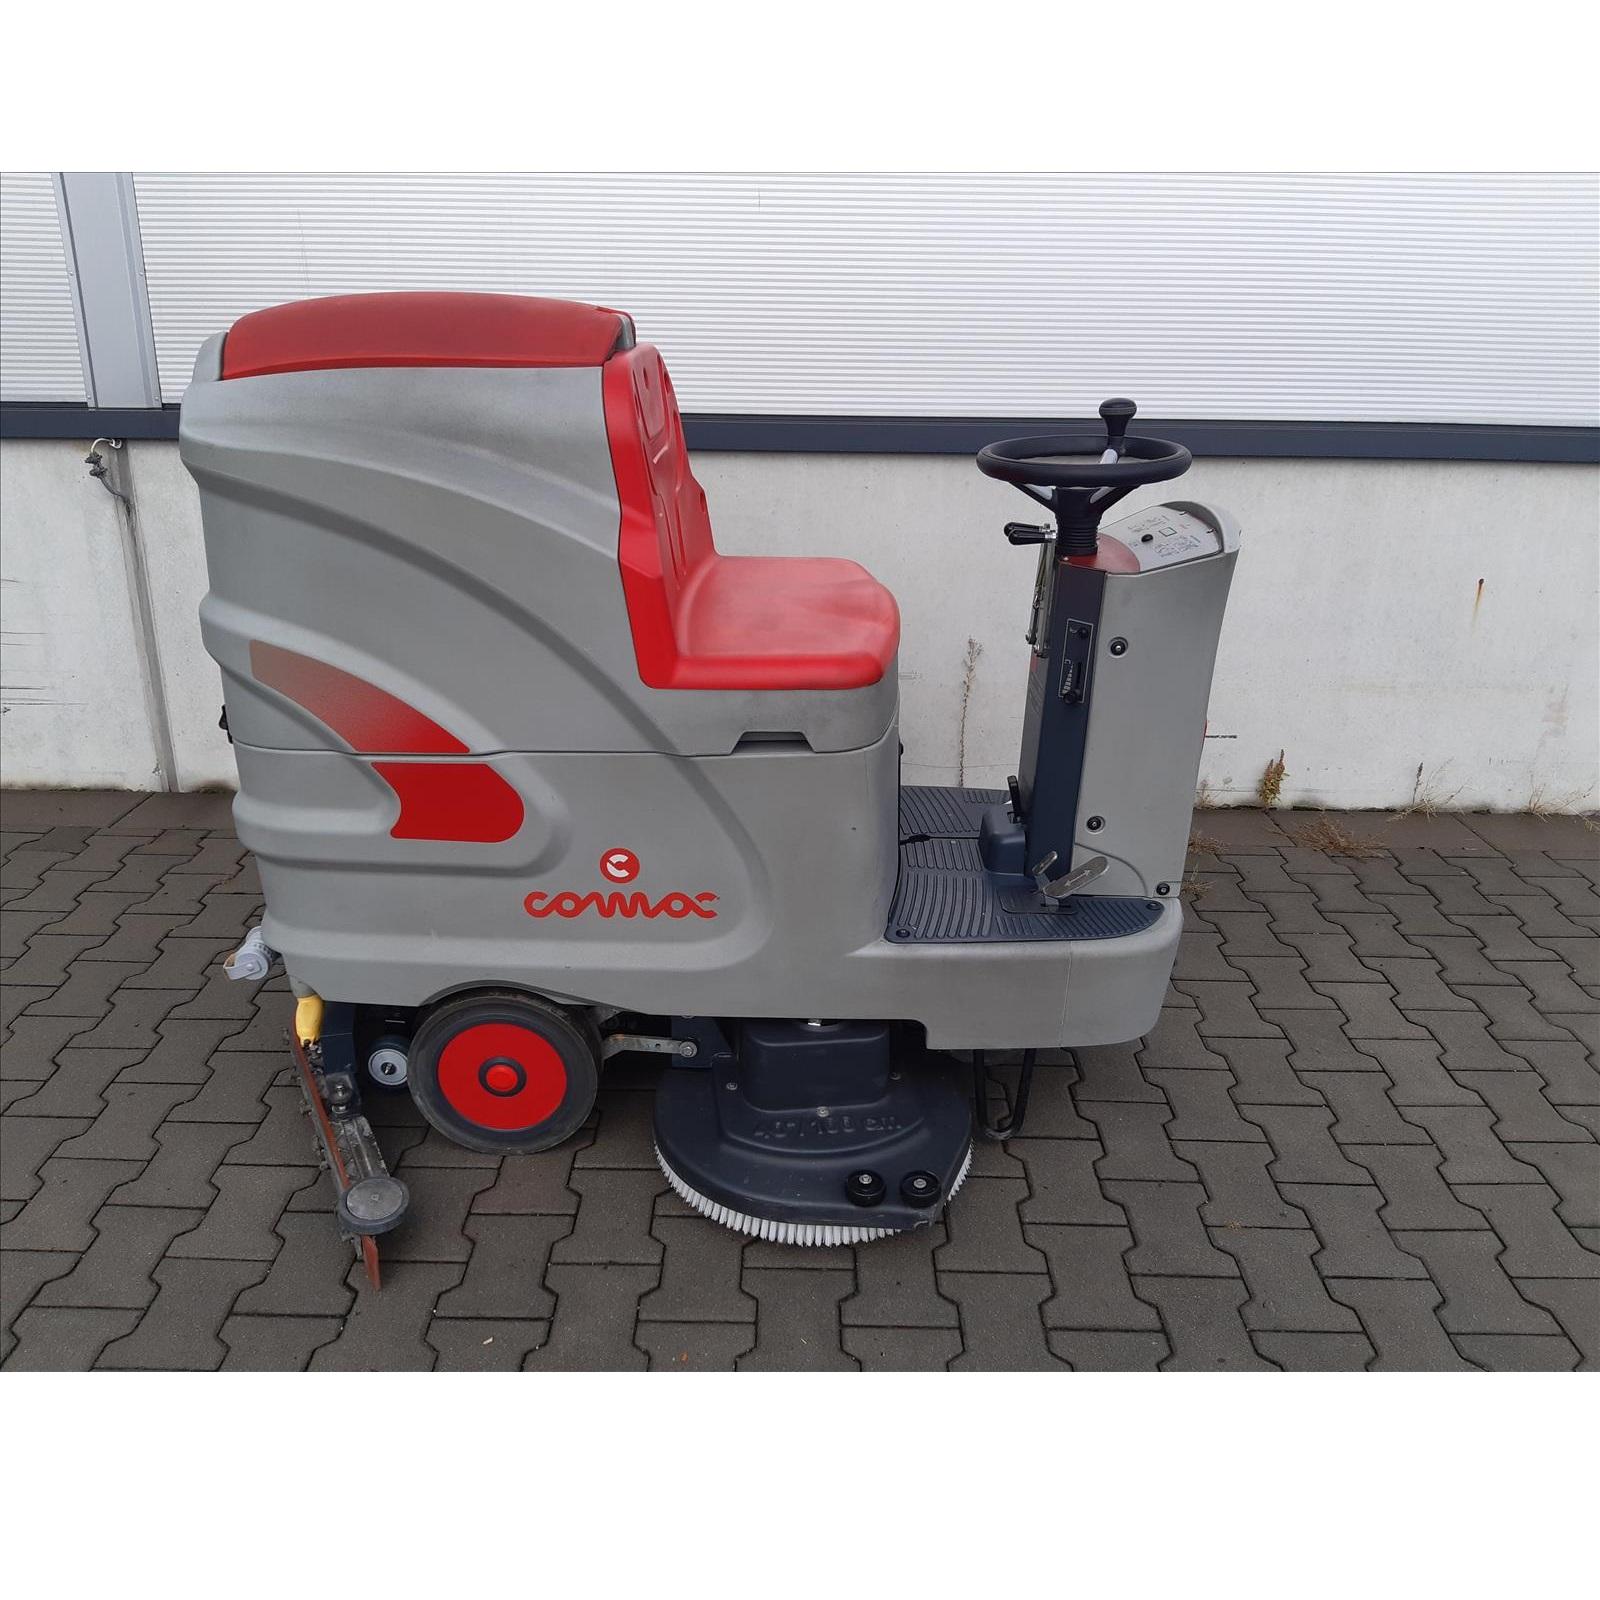 Repasovaný podlahový mycí stroj COMAC INNOVA 100B včetně záruky